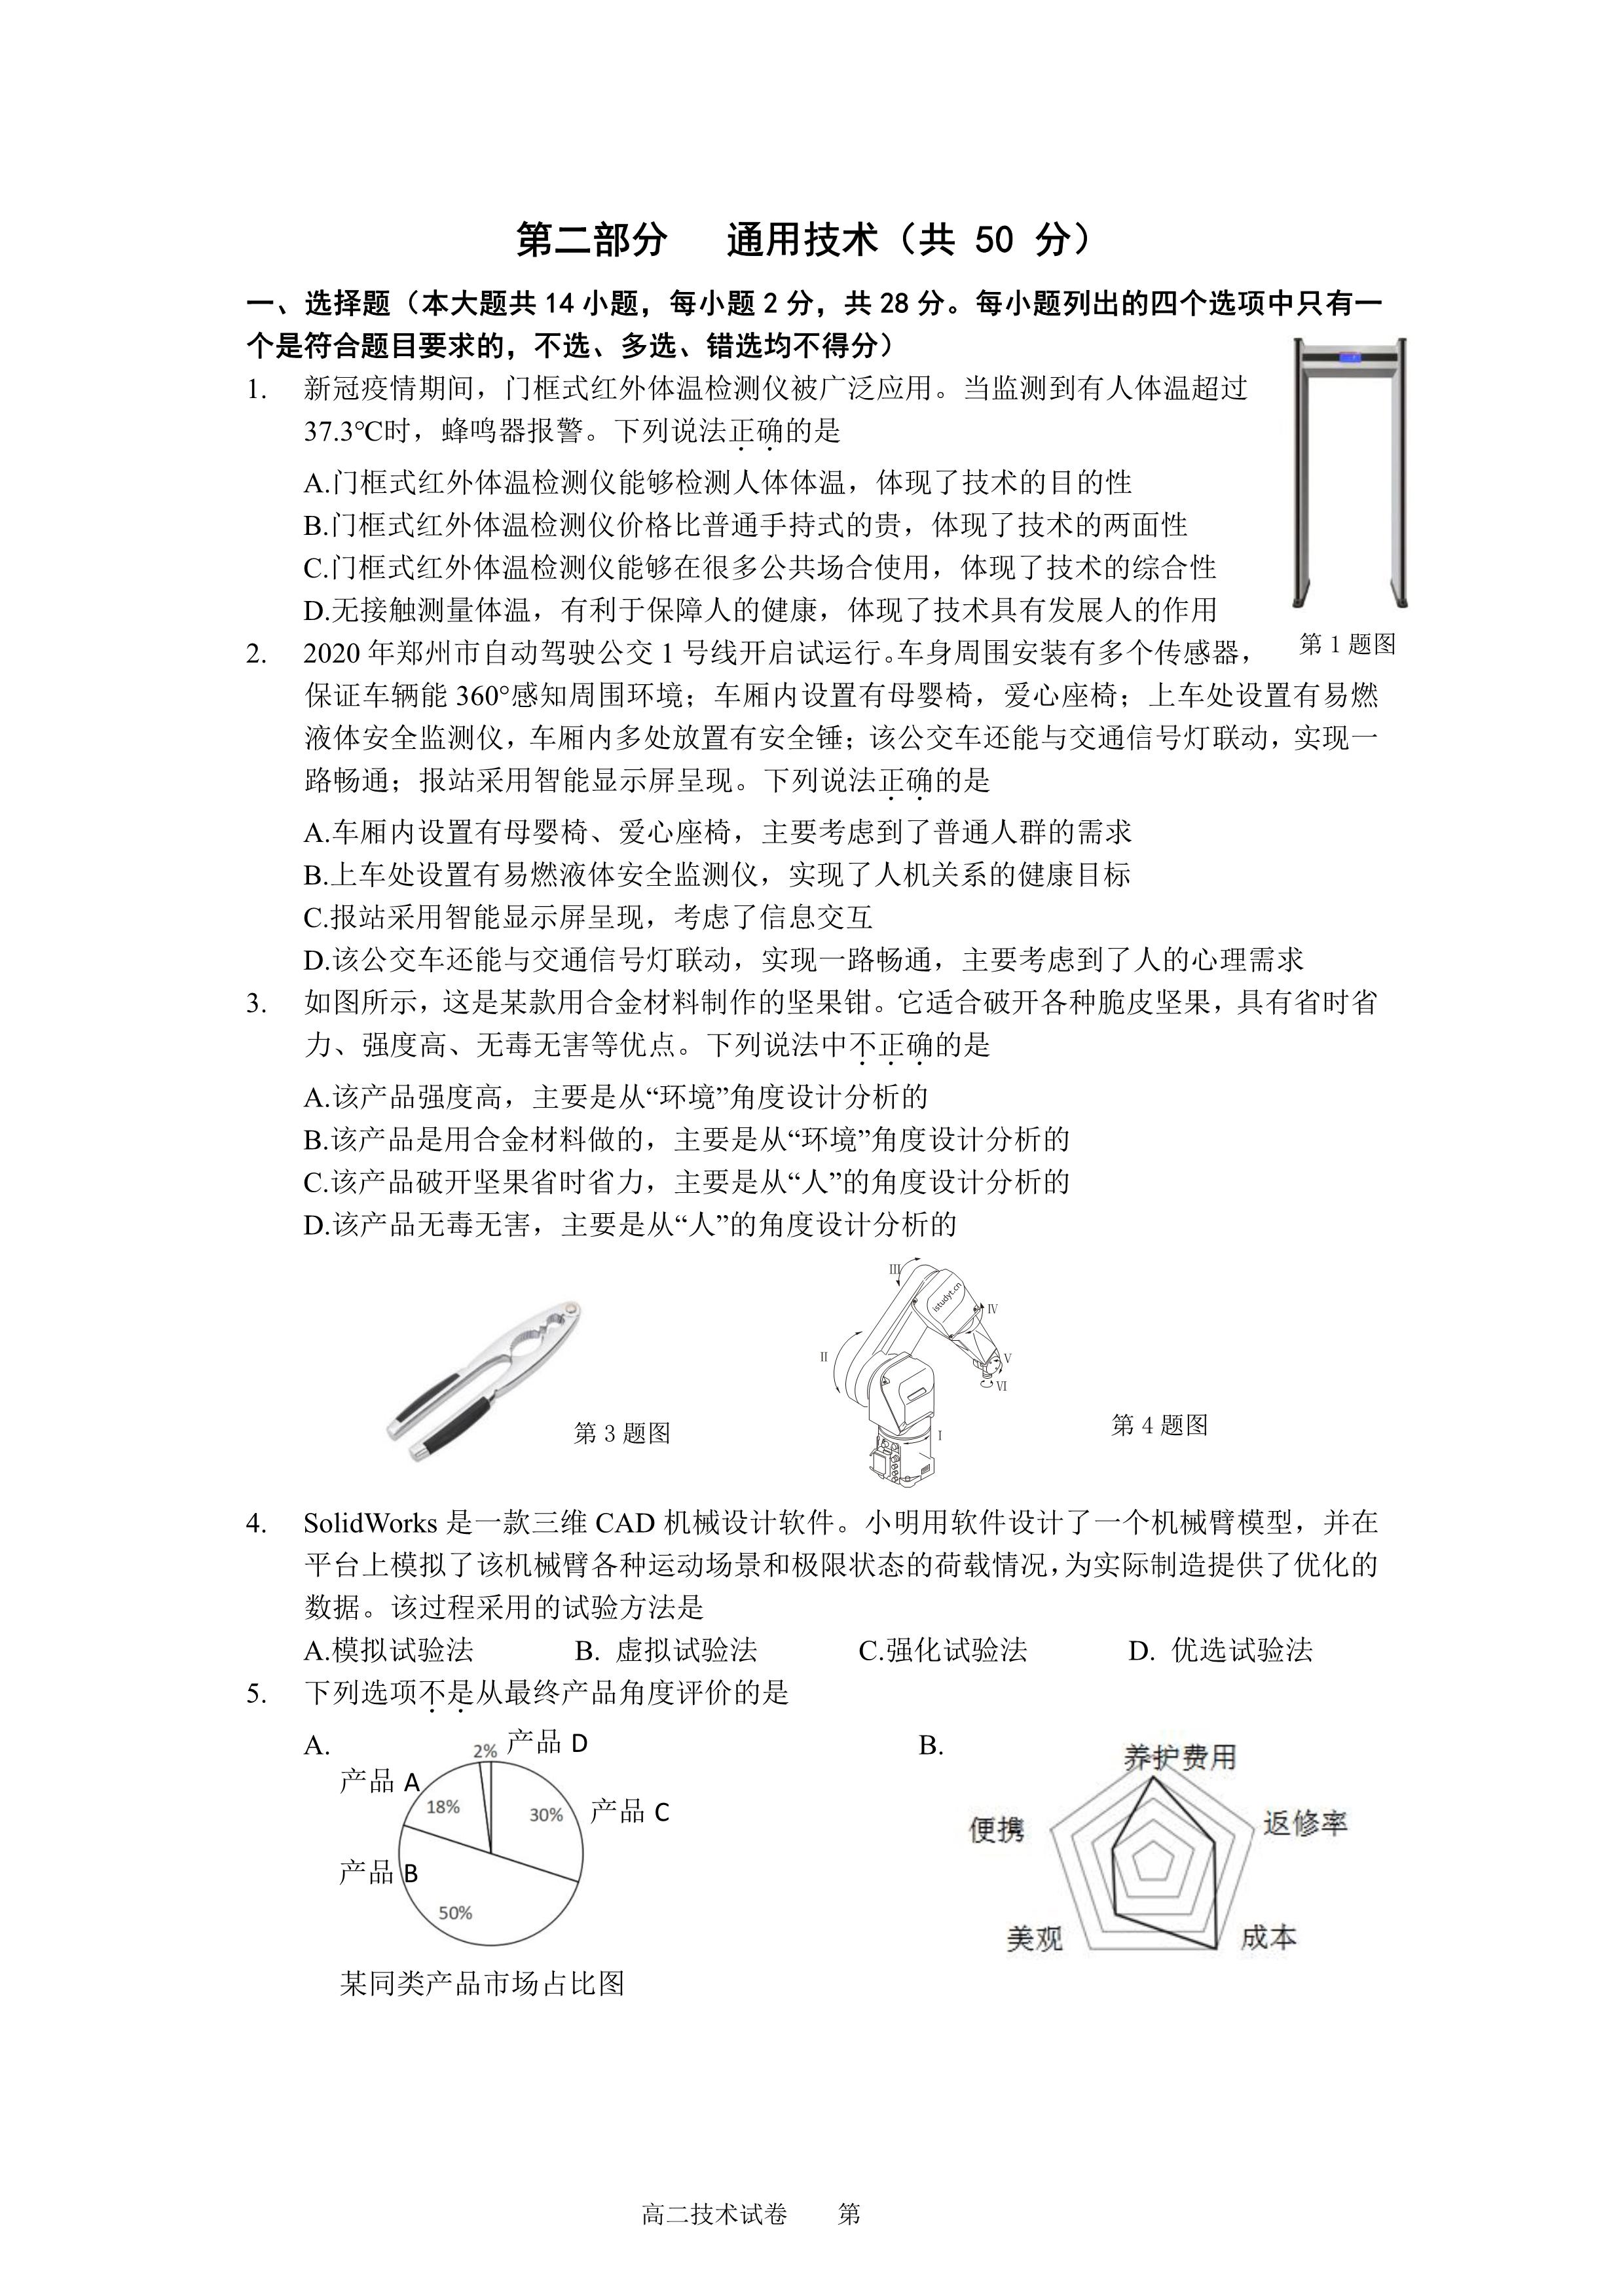 浙江省金丽衢十二校2021届高三下学期5月第二次联考技术试题 扫描版含答案